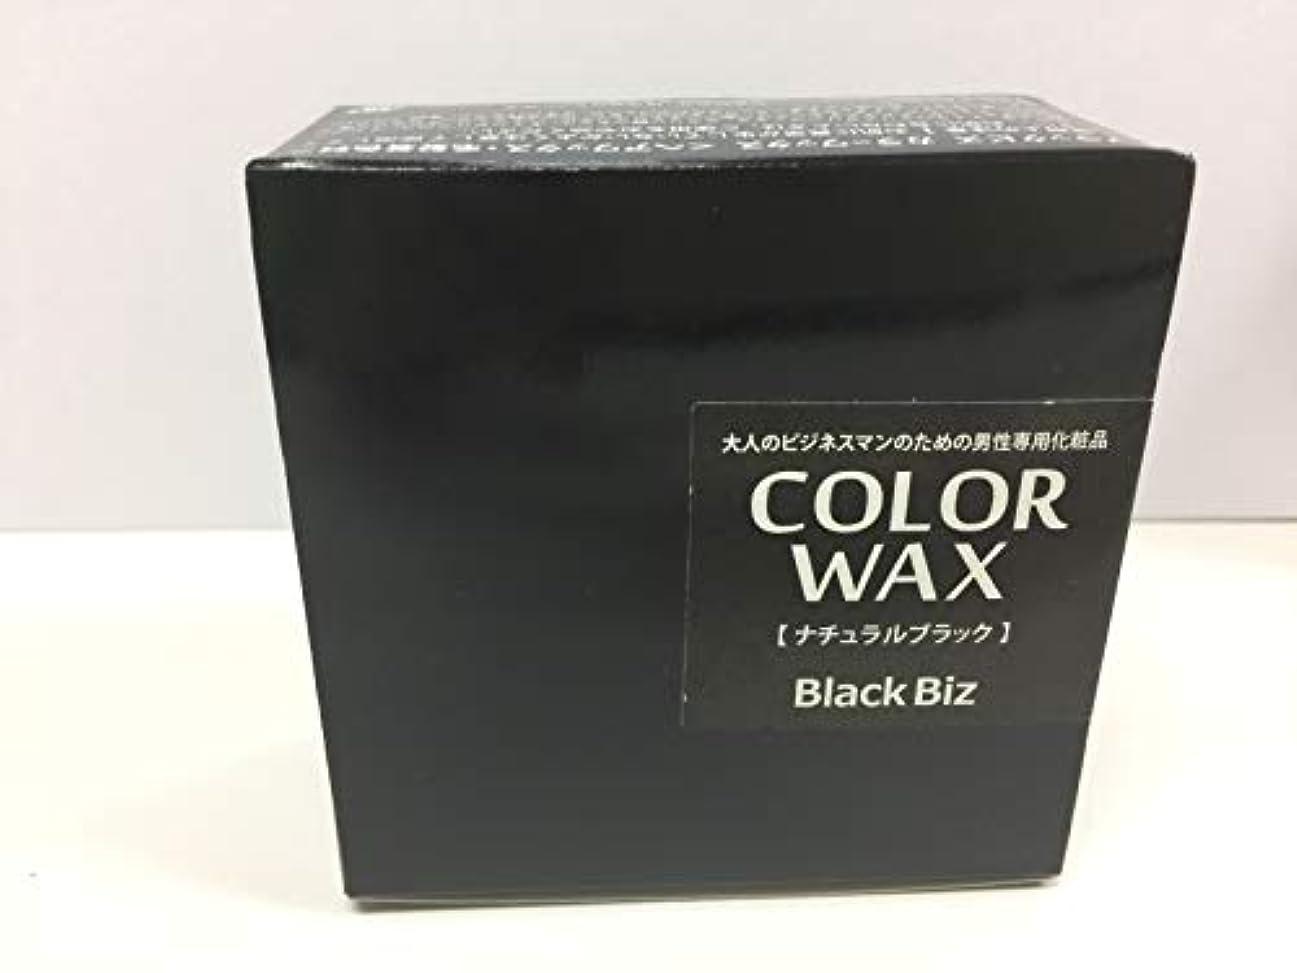 幼児ビート自己大人のビジネスマンのための男性専用化粧品 BlackBiz COLOR WAX ブラックビズ カラーワックス 【ナチュラルブラック】